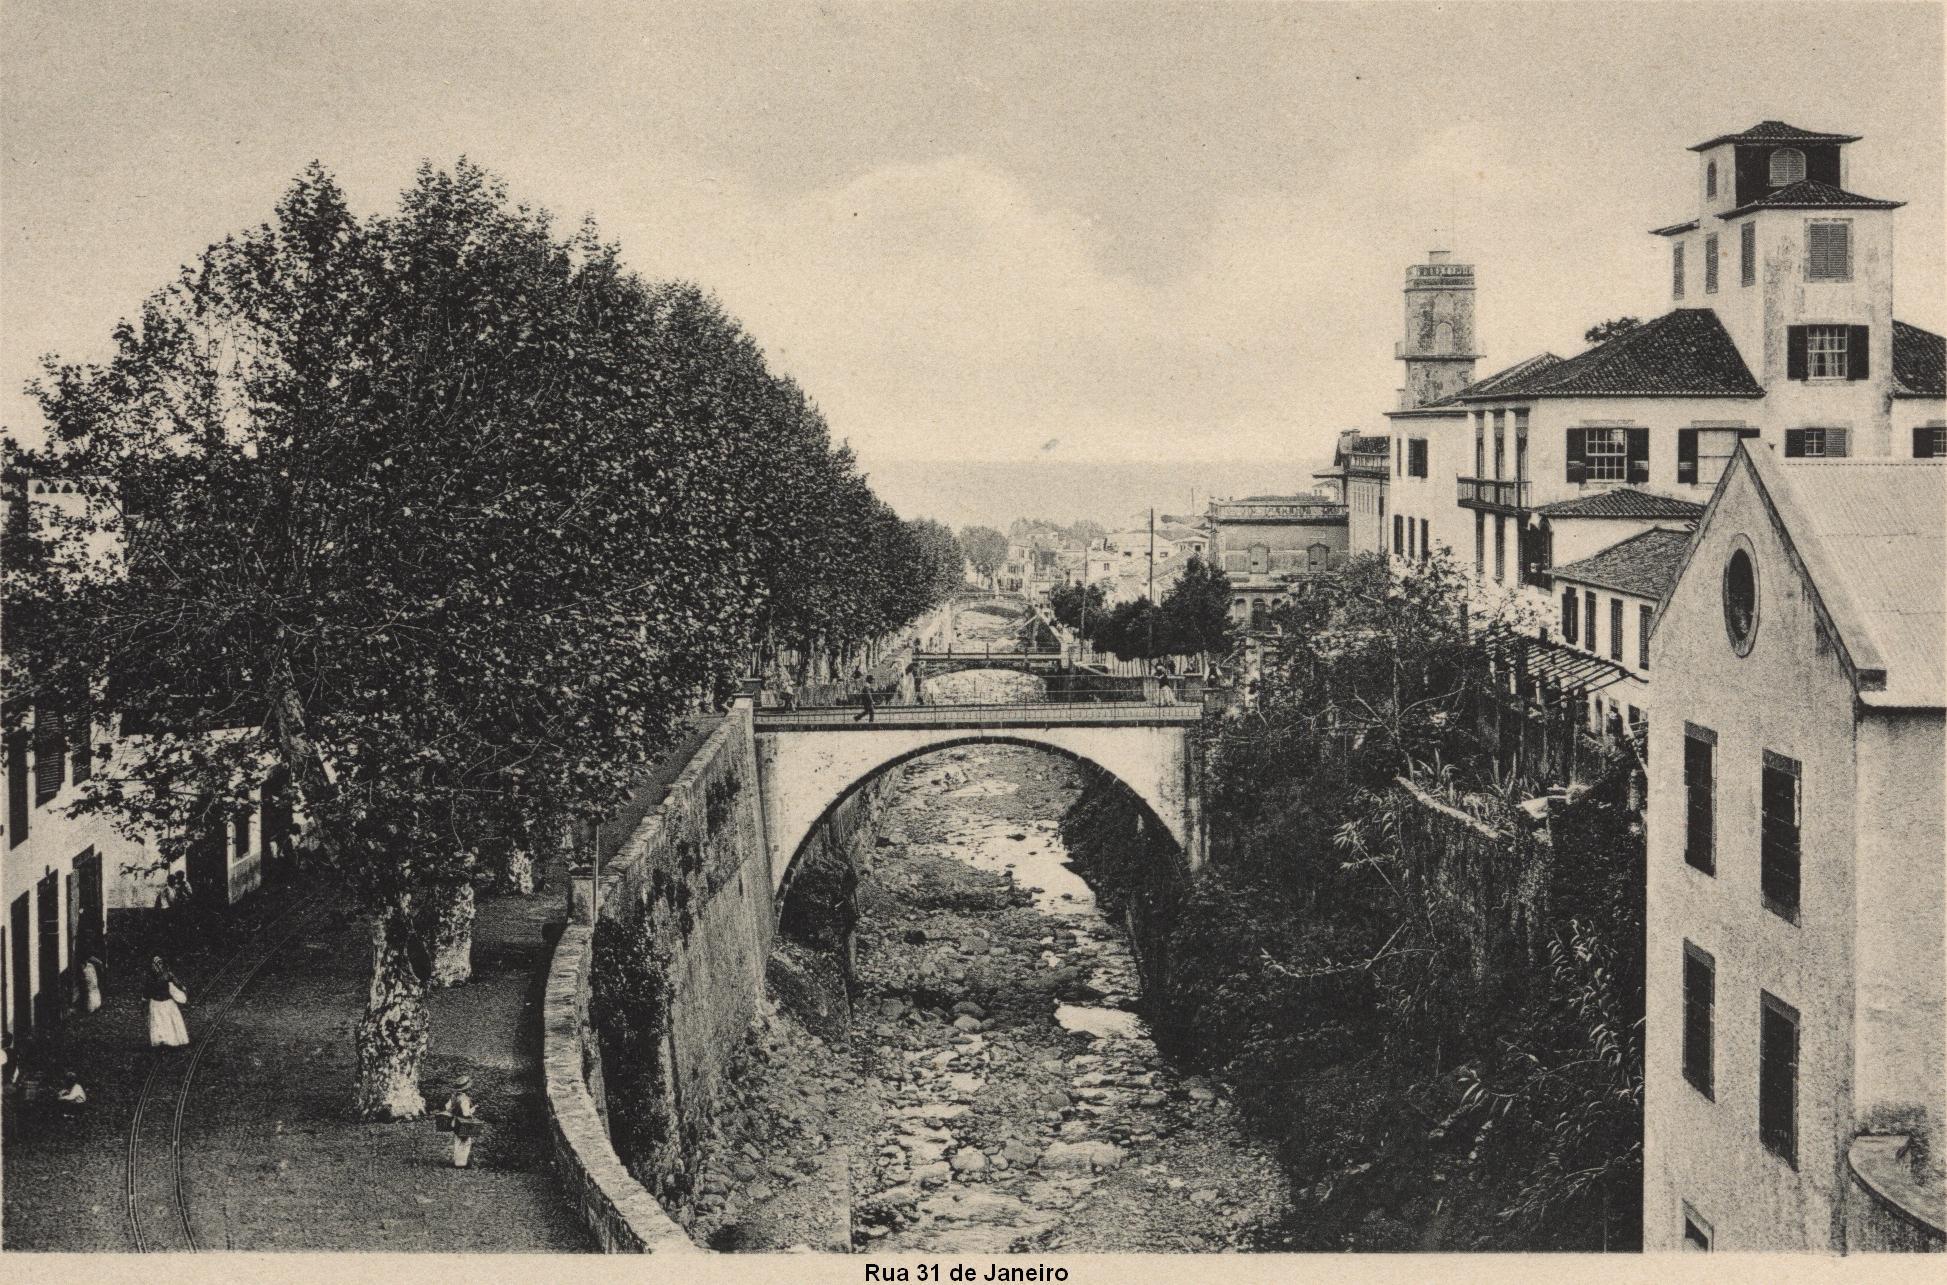 Ponte_Nova_da_Rua_dos_Netos_sobre_a_Ribe